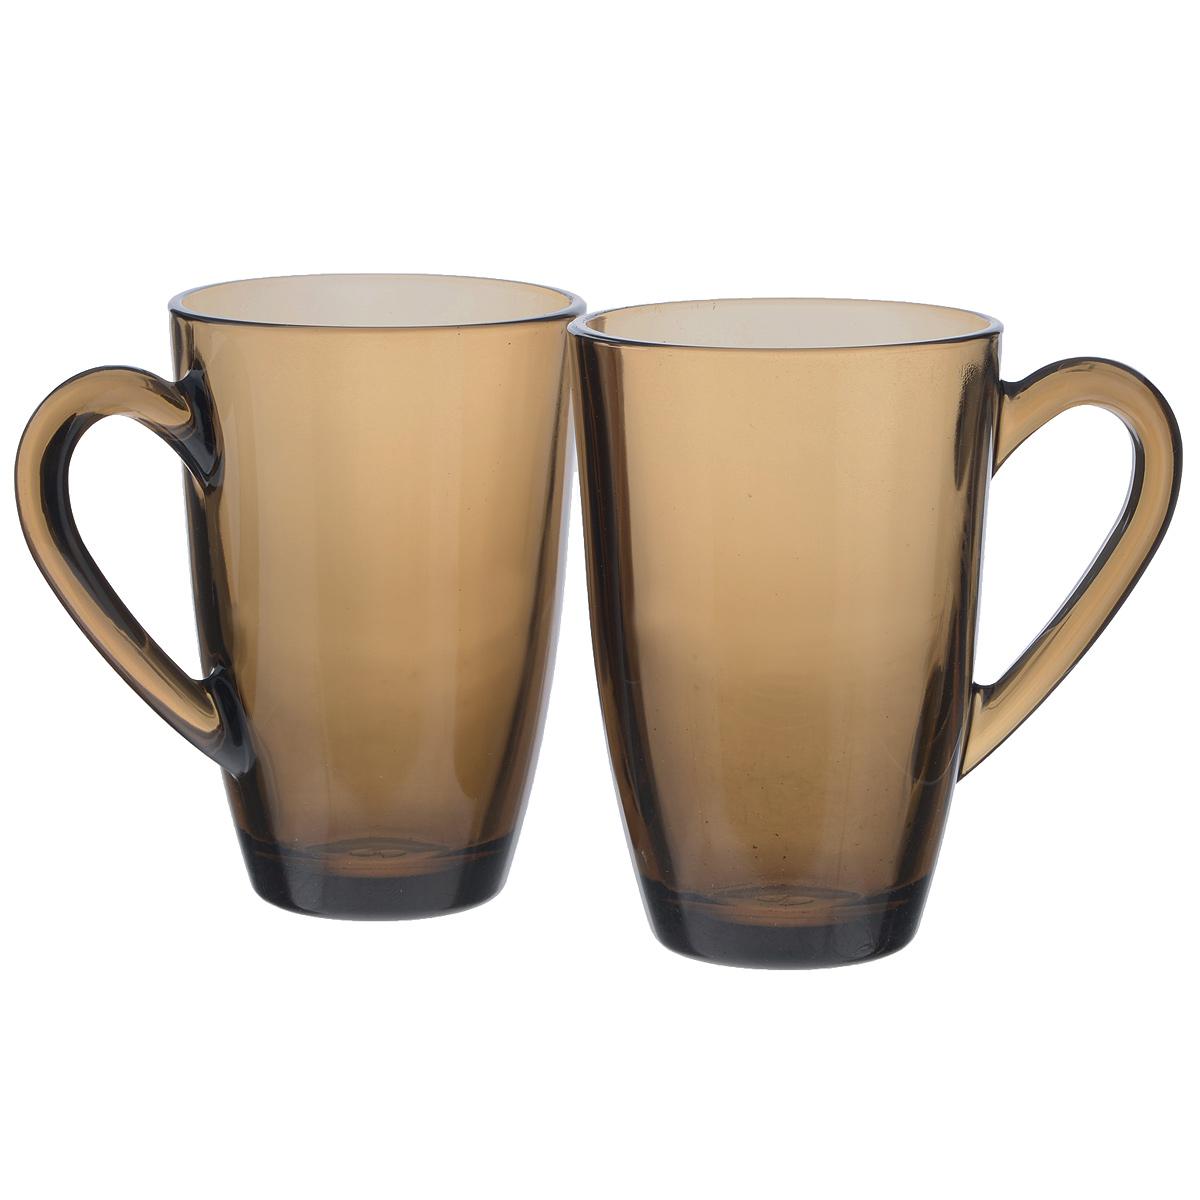 Набор кружек Pasabahce Bronze, 325 мл, 2 шт115510Набор Pasabahce Bronze состоит из двух кружек с удобными ручками, выполненных из закаленного натрий-кальций-силикатного стекла. Изделия хорошо удерживают тепло, не нагреваются. Функциональность, практичность и стильный дизайн сделают набор прекрасным дополнением к вашей коллекции посуды. Можно мыть в посудомоечных машинах и использовать в микроволновых печах.Диаметр кружки по верхнему краю: 7,5 см. Высота кружки: 11,5 см.Объем: 325 мл.